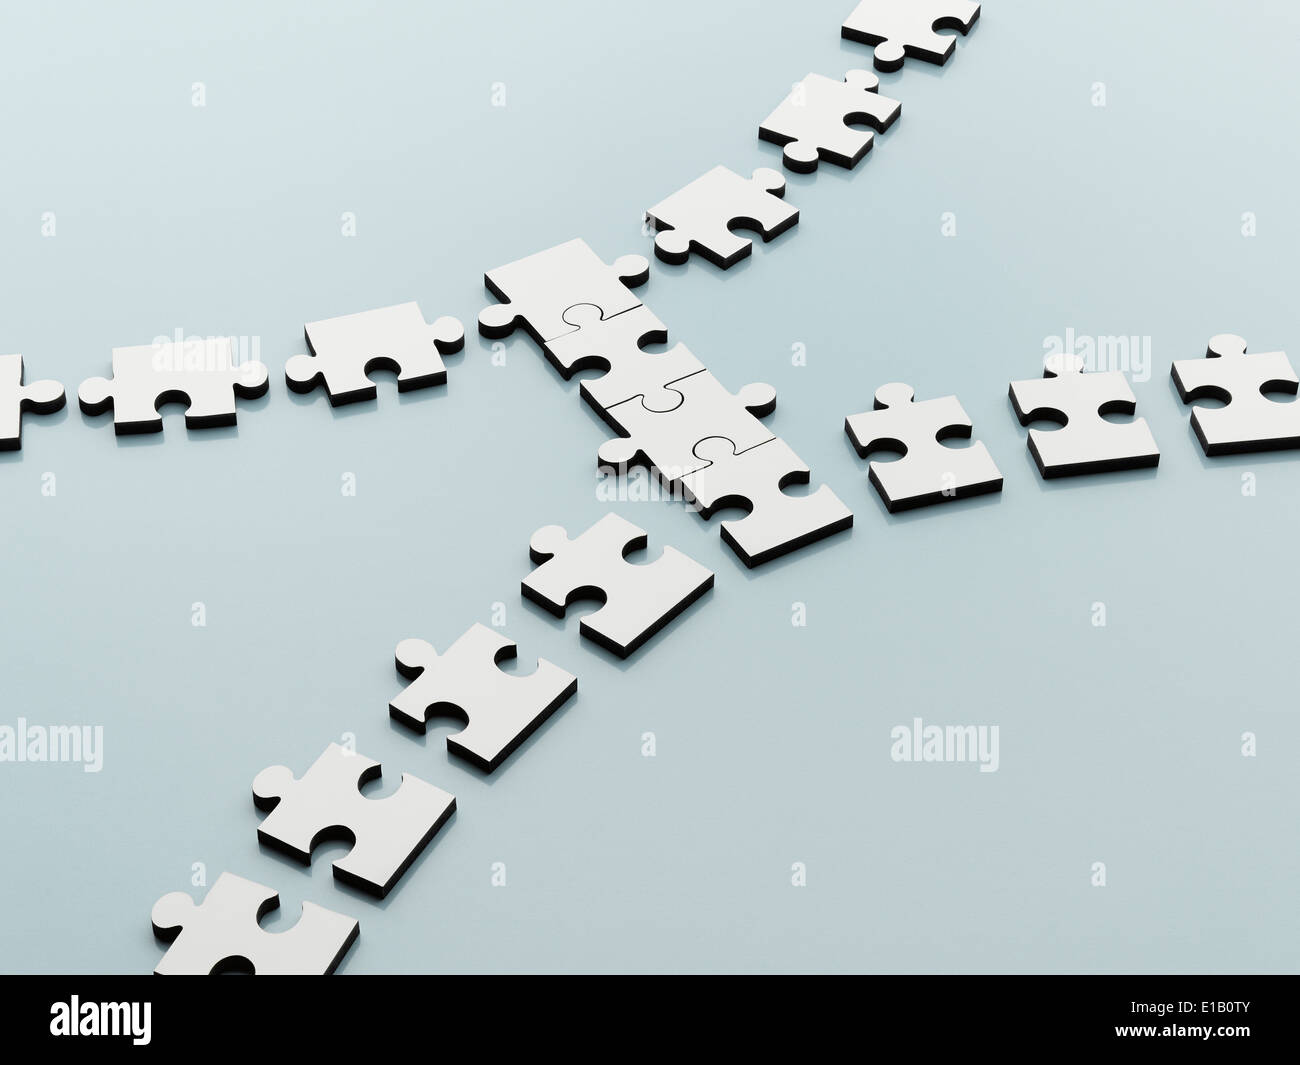 Puzzleteile, die Schließung der Lücke Stockfoto